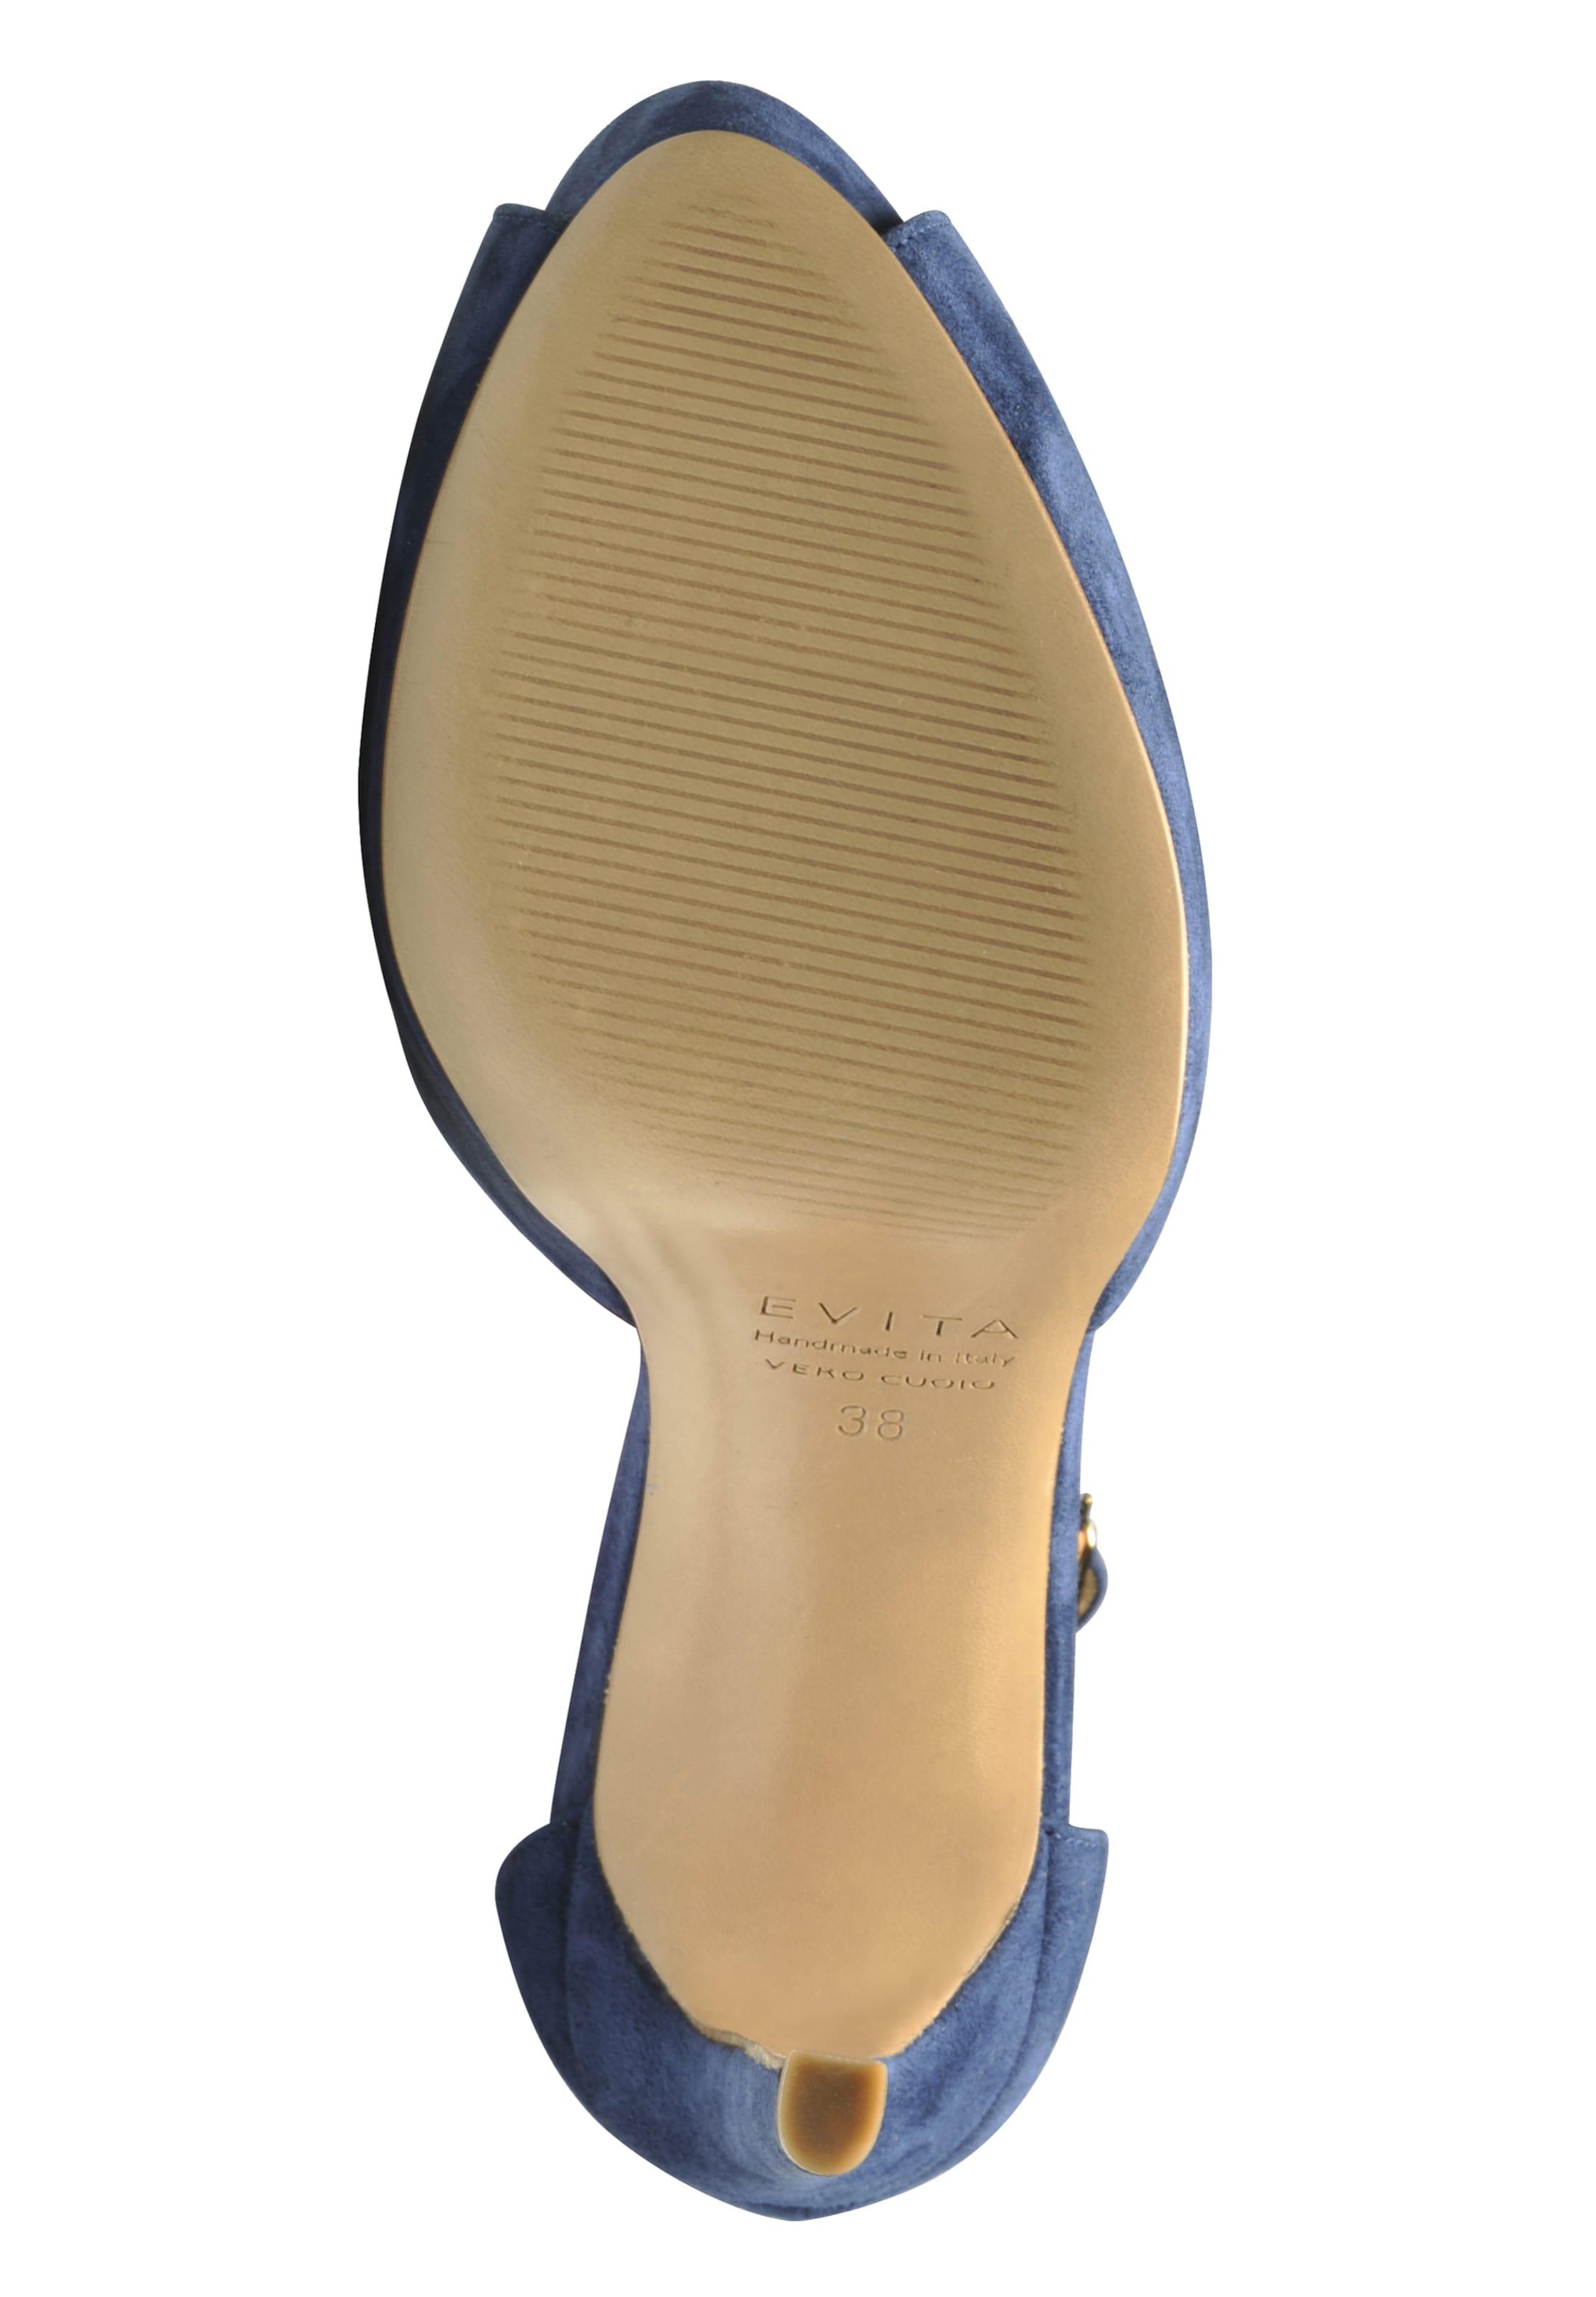 EVITA Sandalette Rabatt-Outlet-Store eslGaG